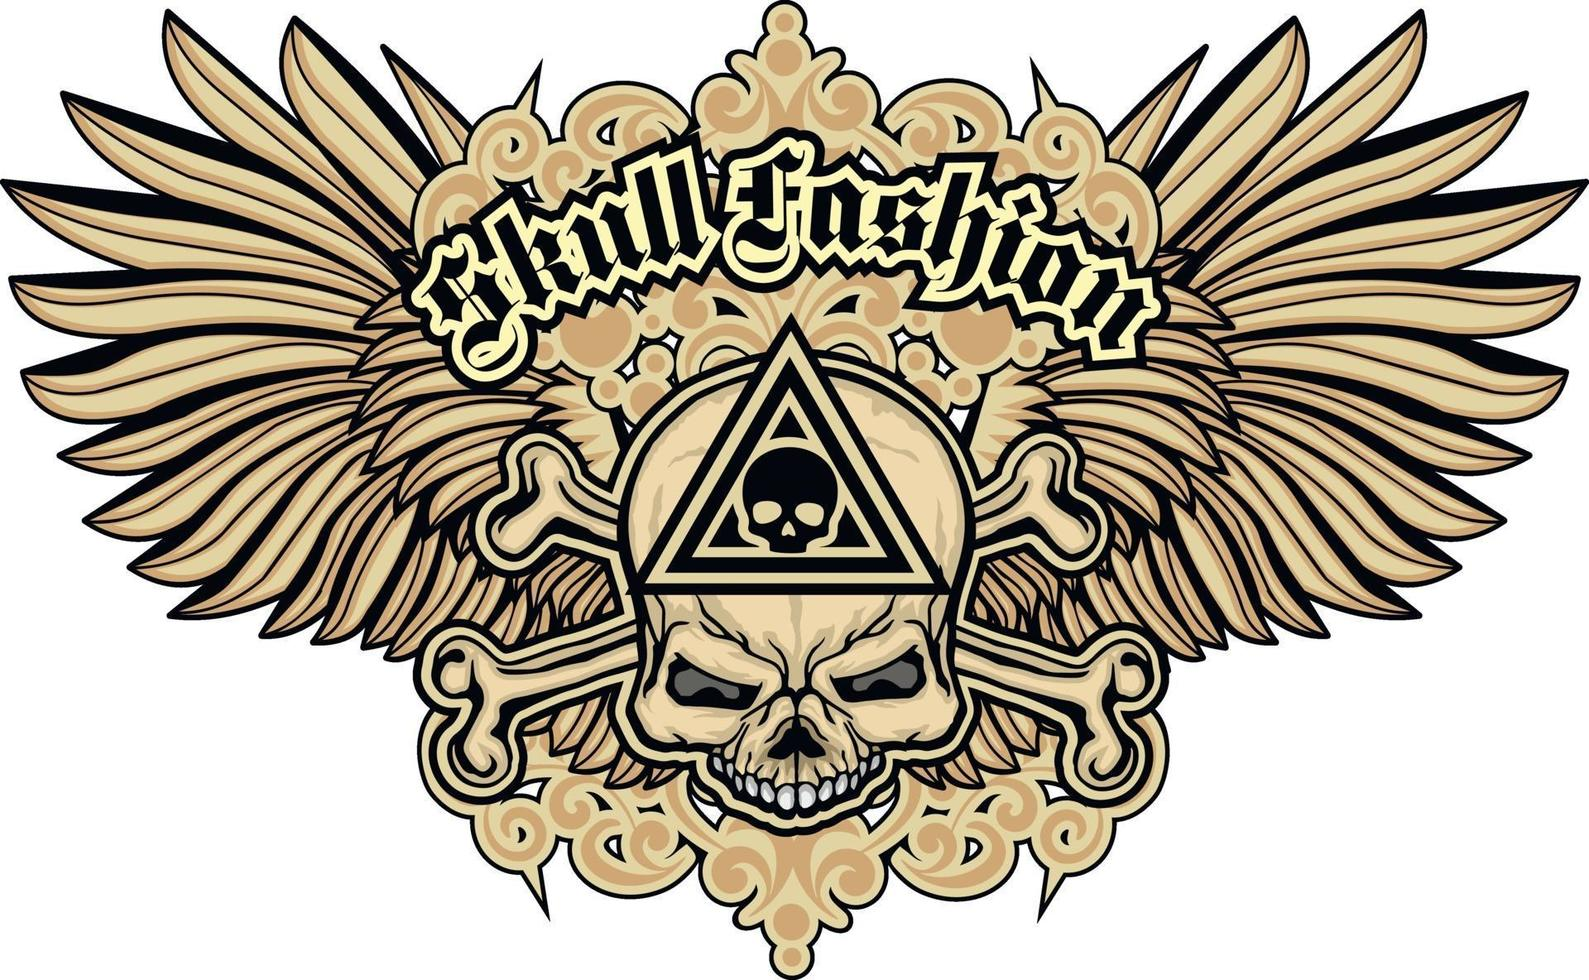 segno gotico con teschio e ali, magliette di design vintage grunge vettore